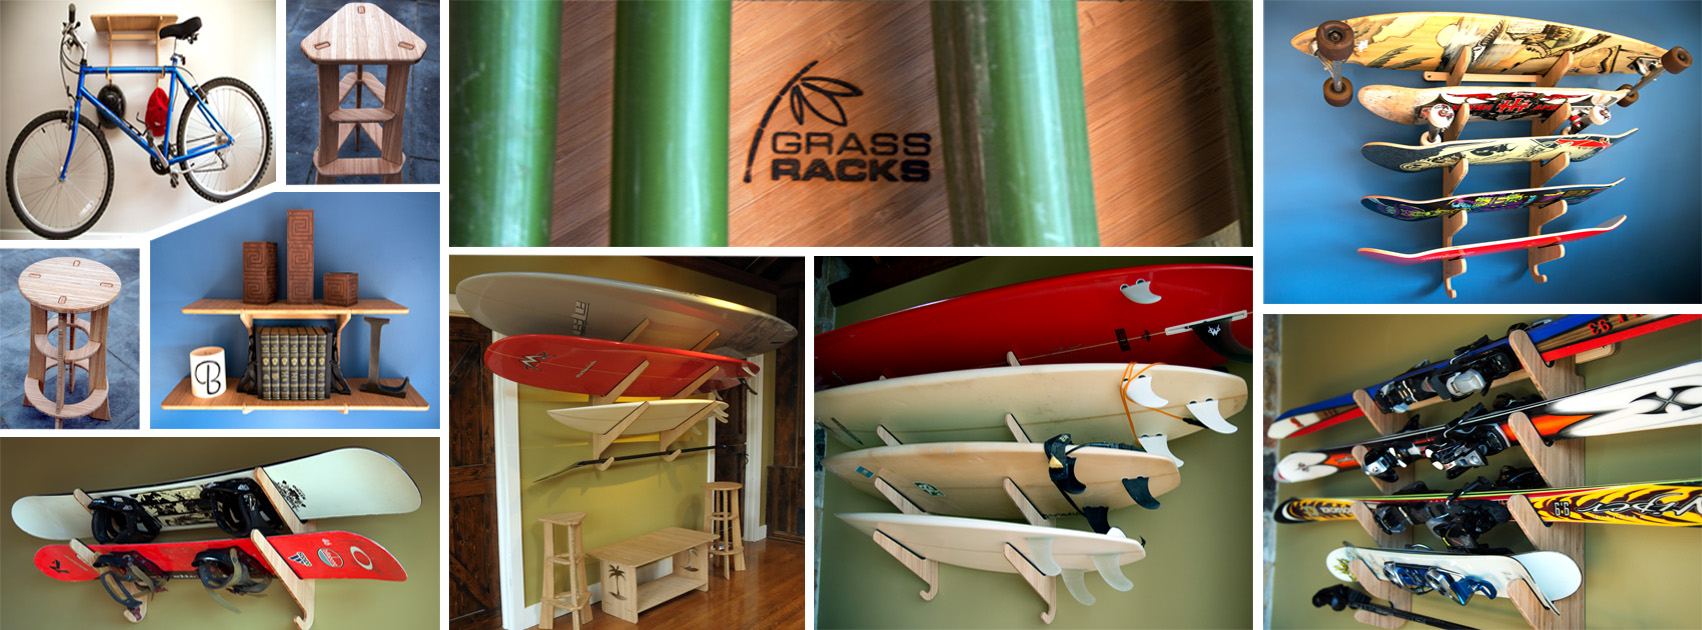 Grass Racks